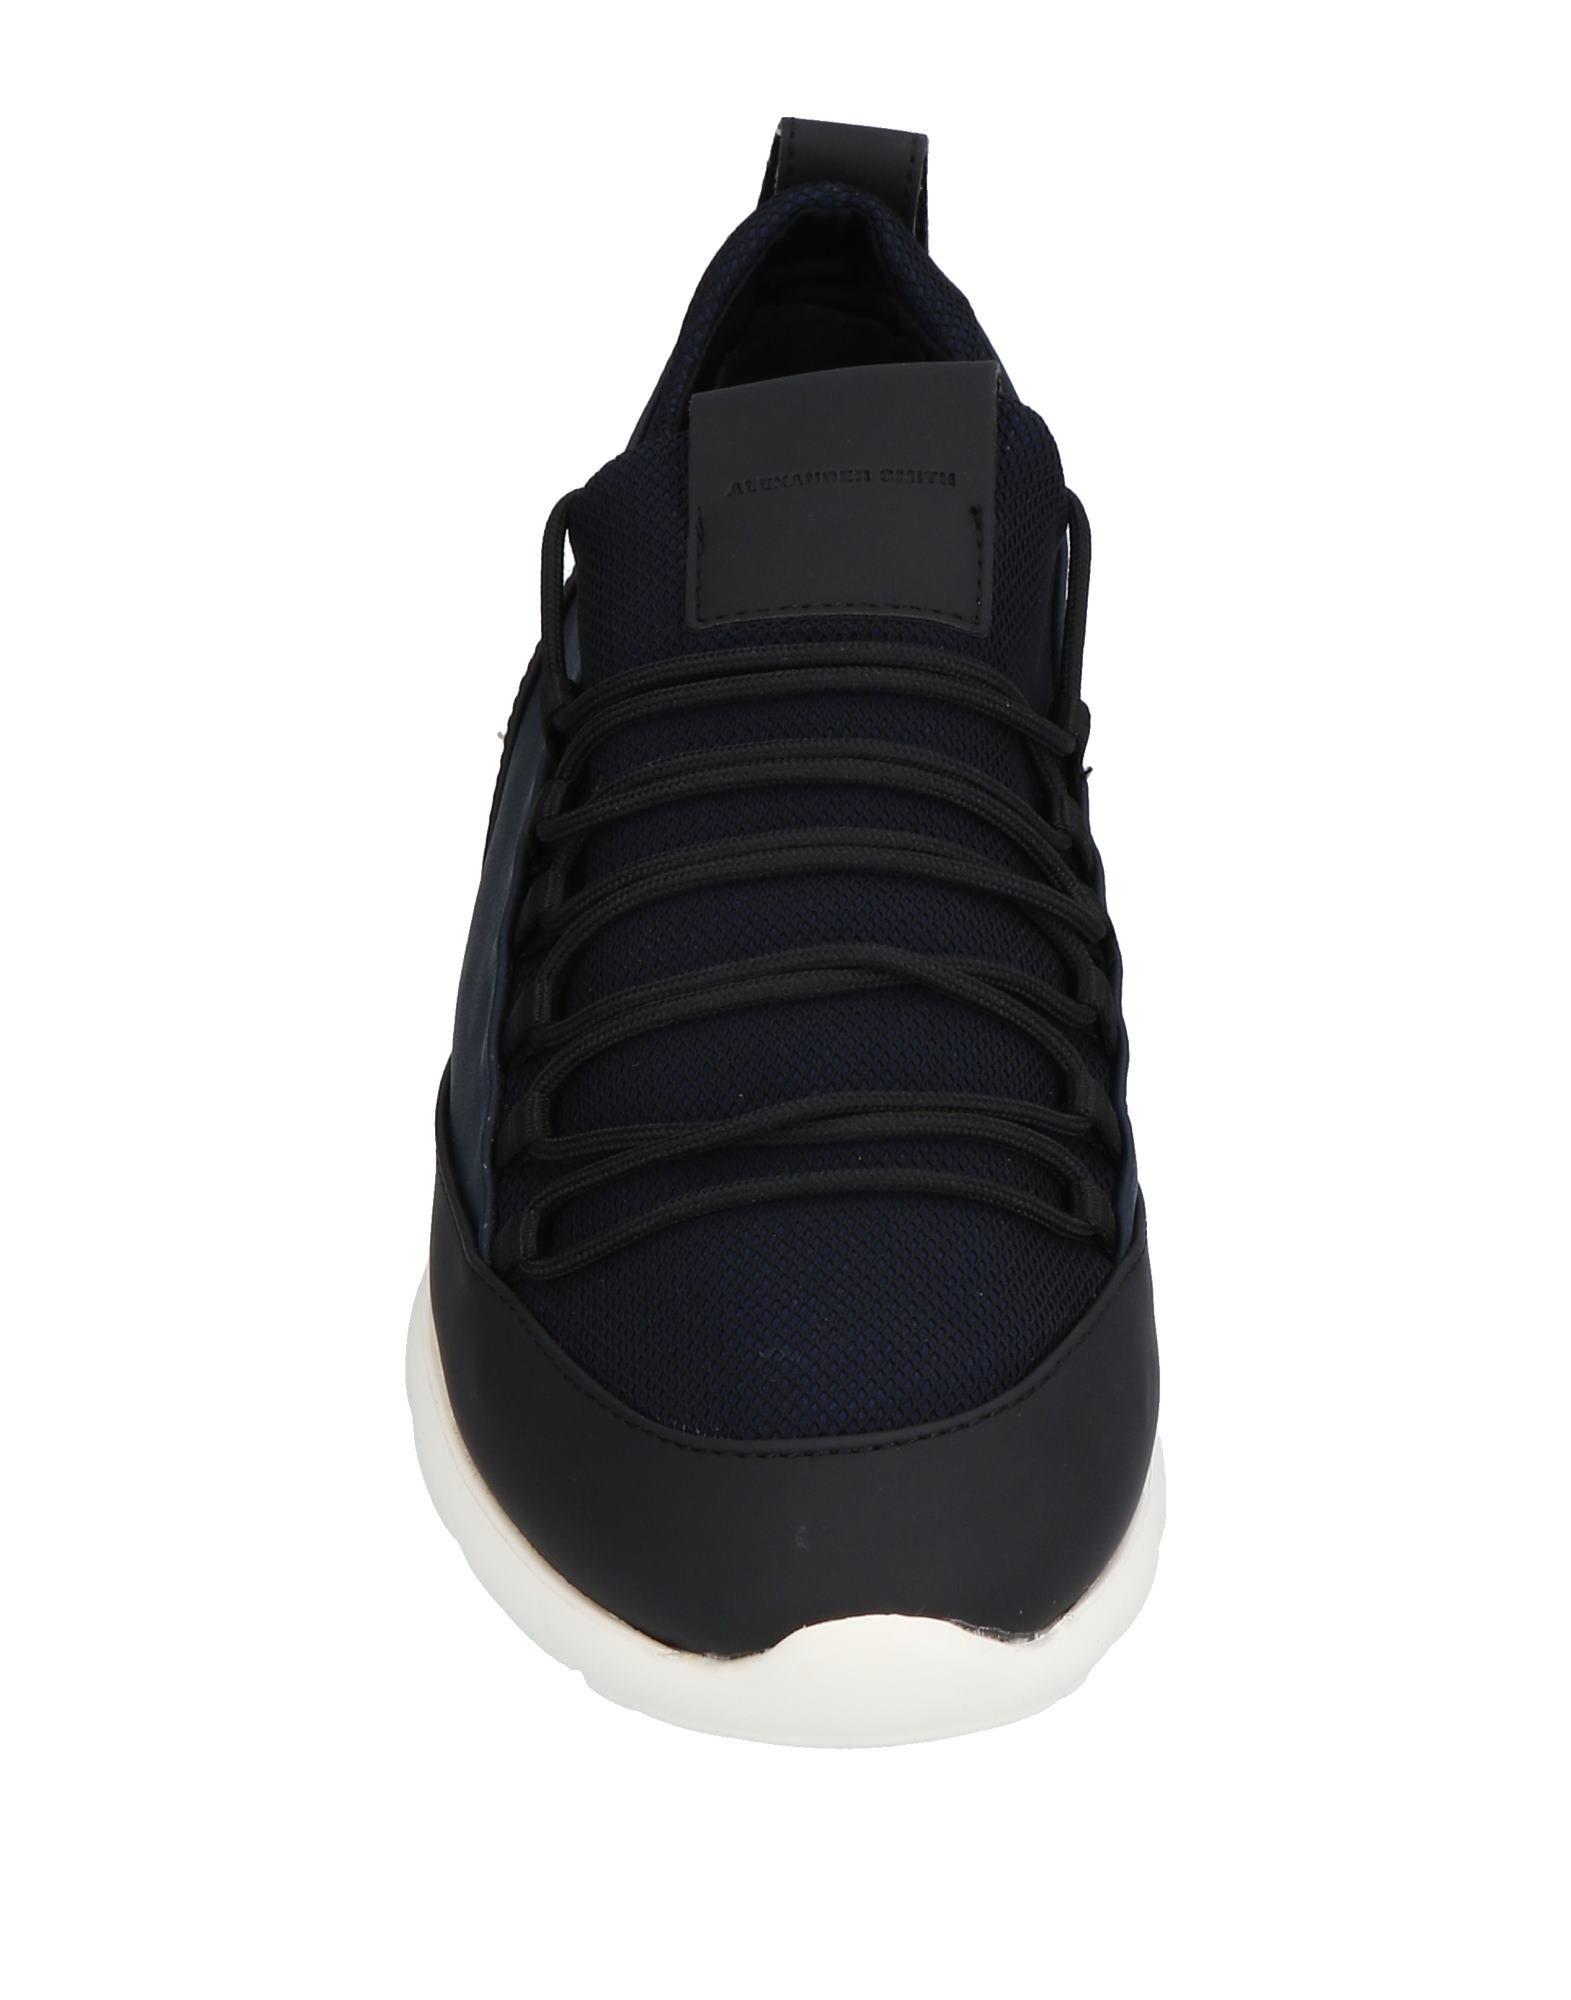 Alexander Sneakers Smith Sneakers Alexander Herren  11483864SG a5ac02